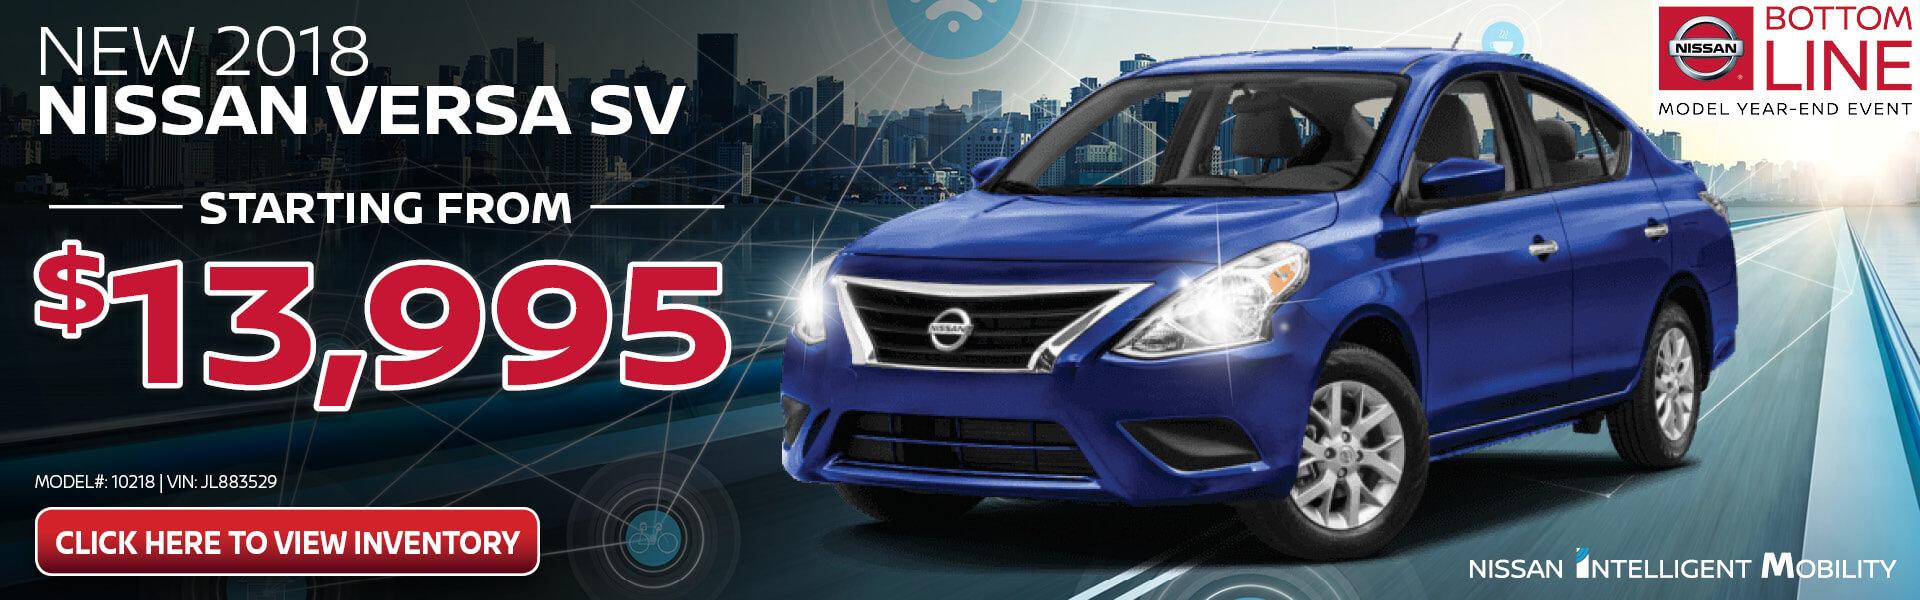 Nissan Versa $13,995 Purchase